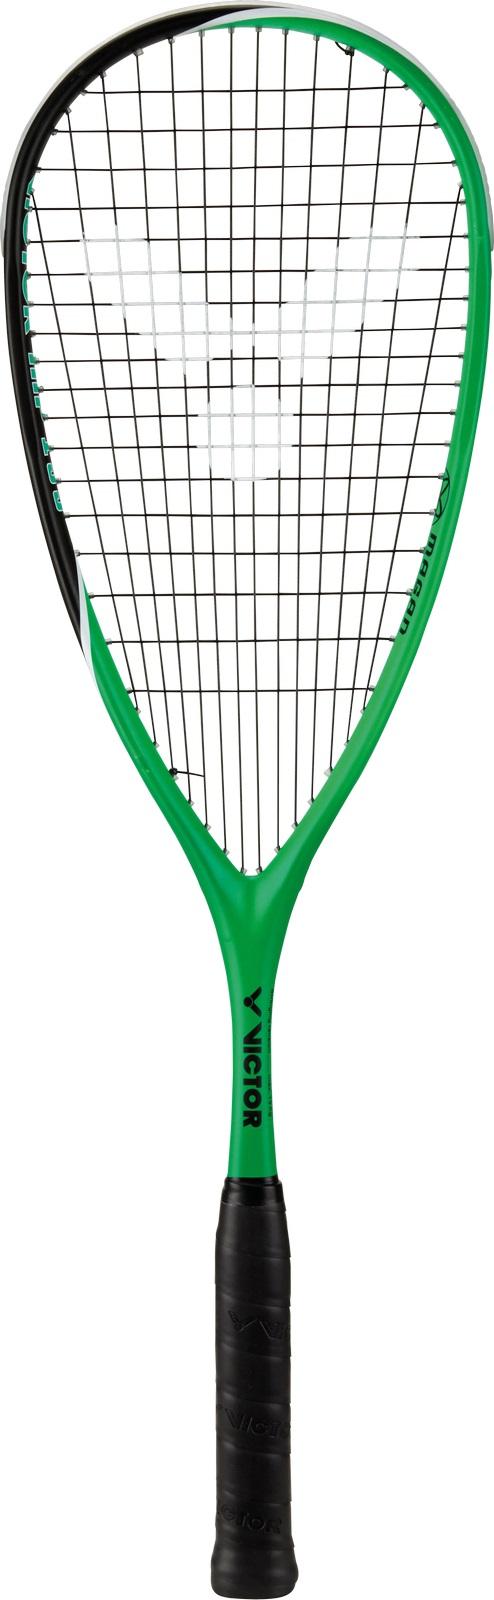 Victor MP 155 2017 Squashschläger